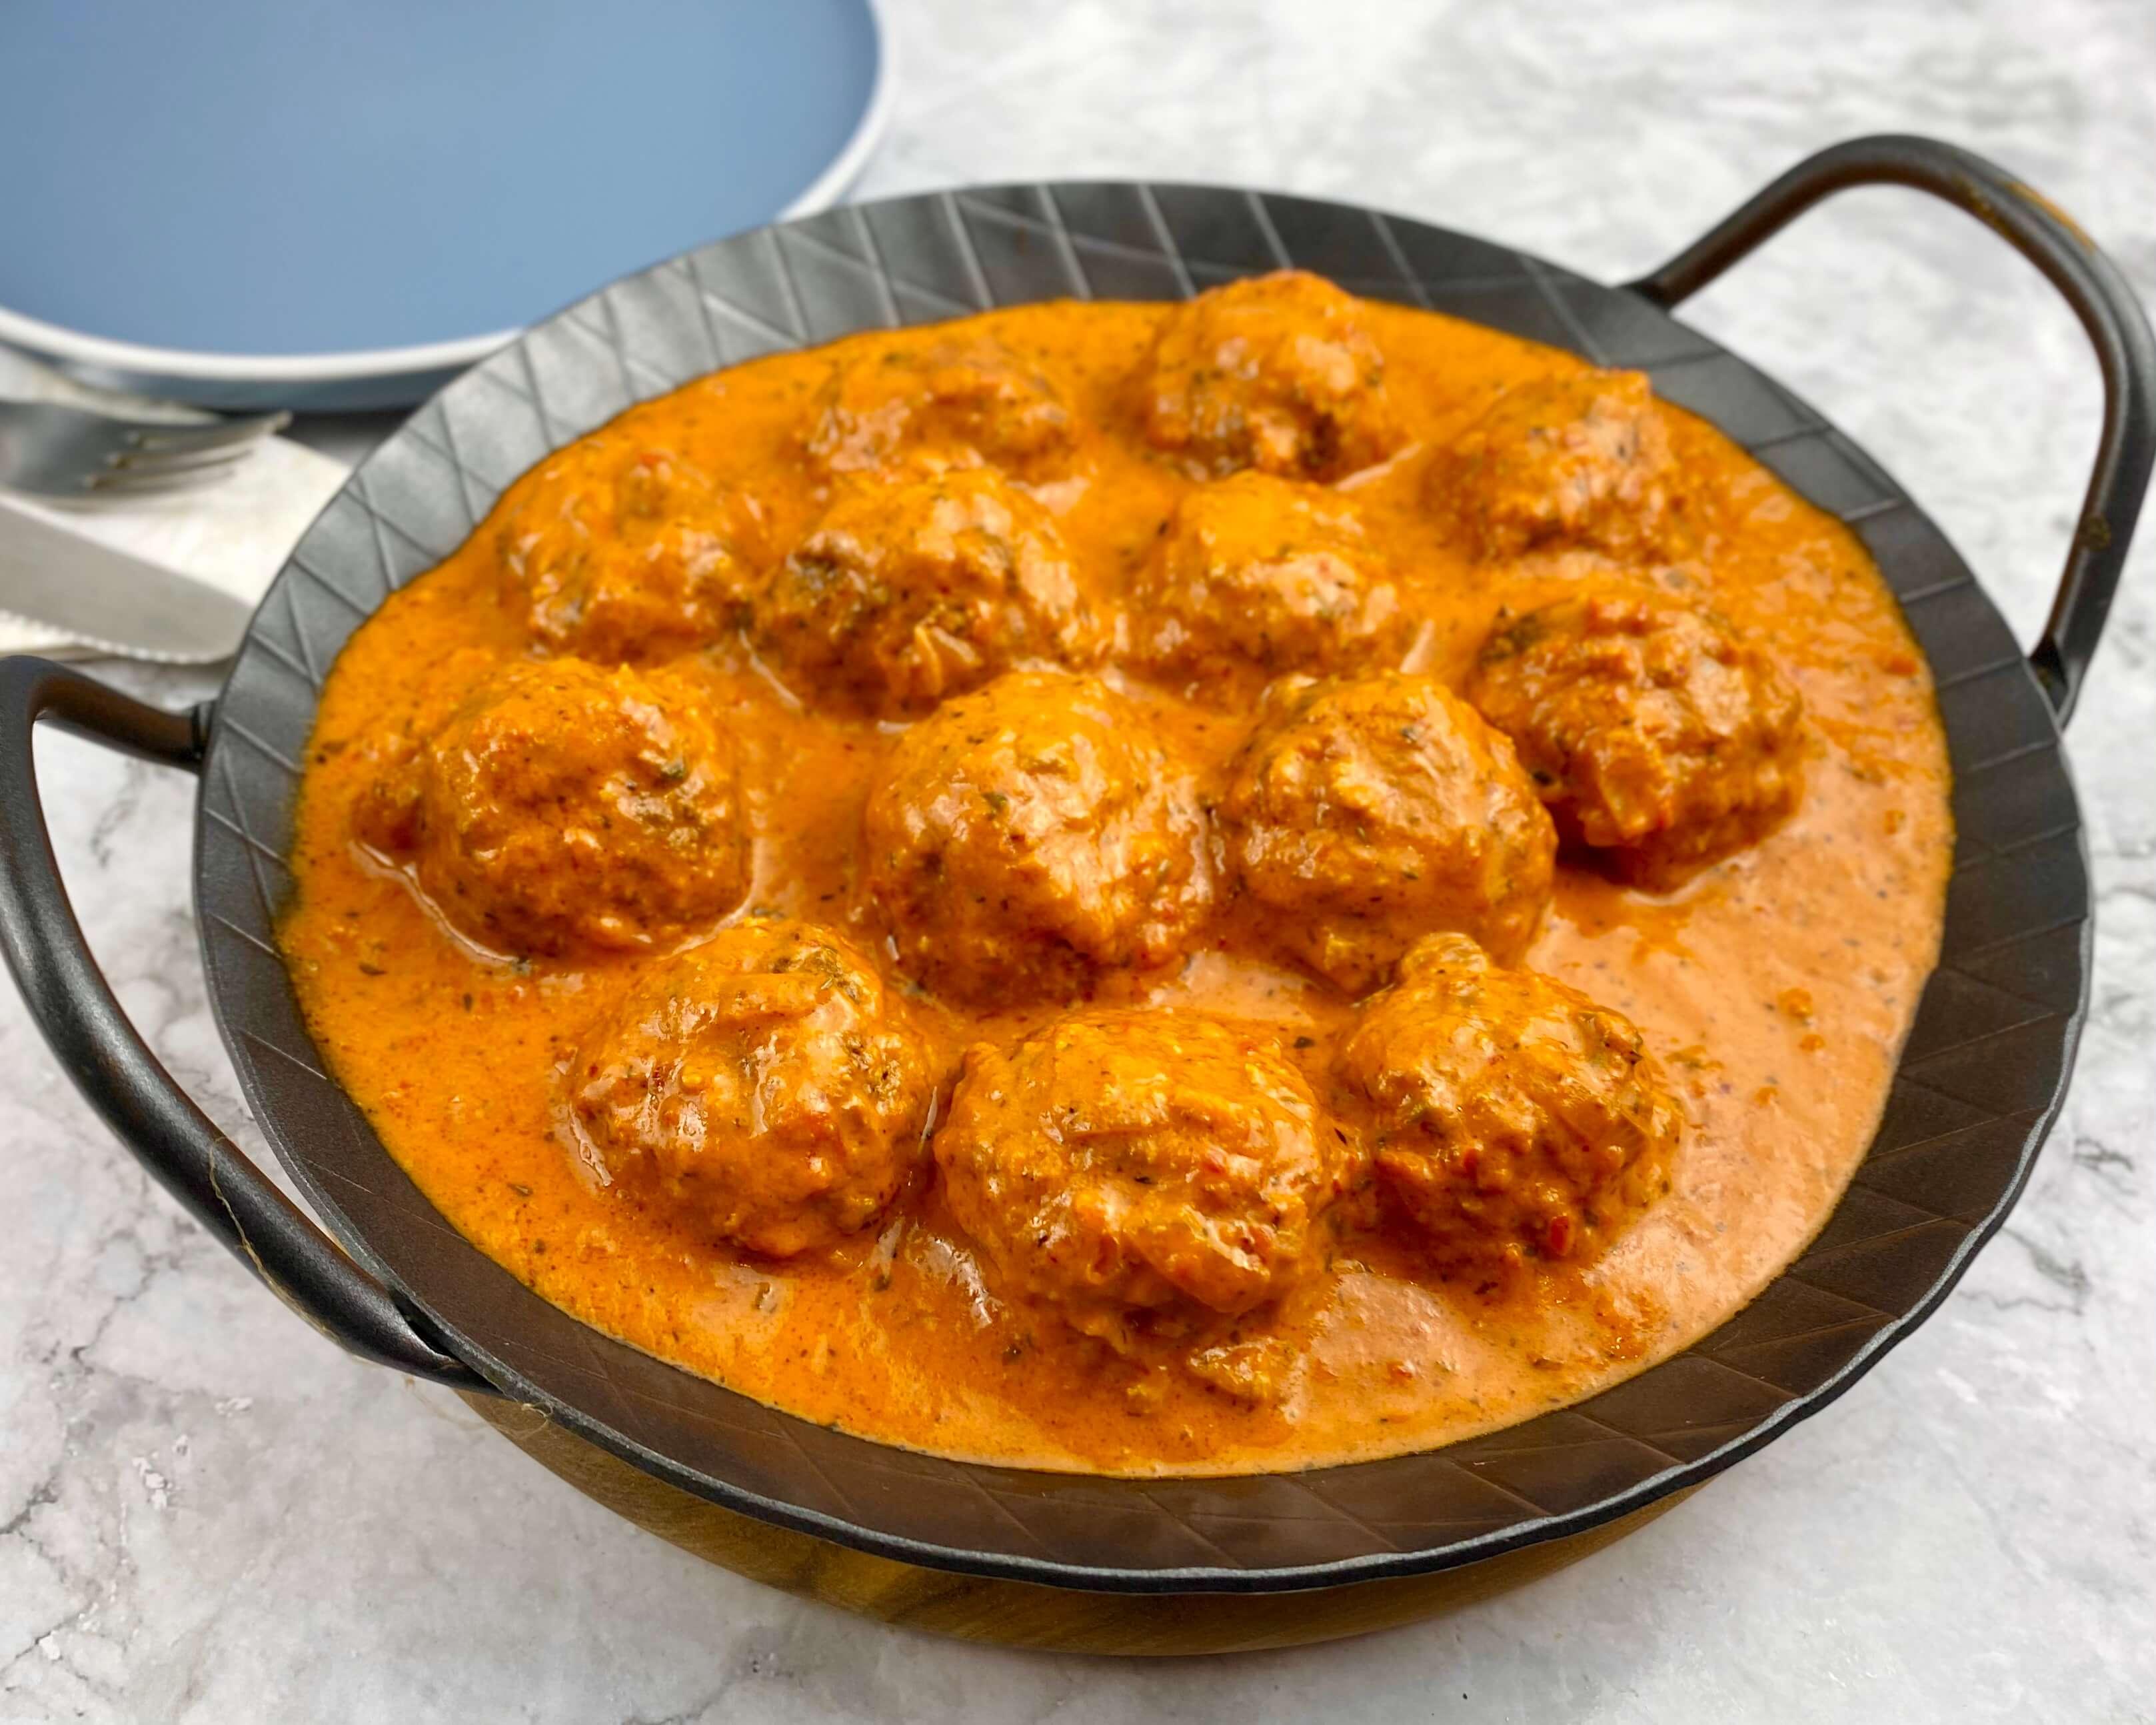 Fleischbällchen in einer Ajvar Parmesan Sauce - Zu Faul Zum Kochen ?